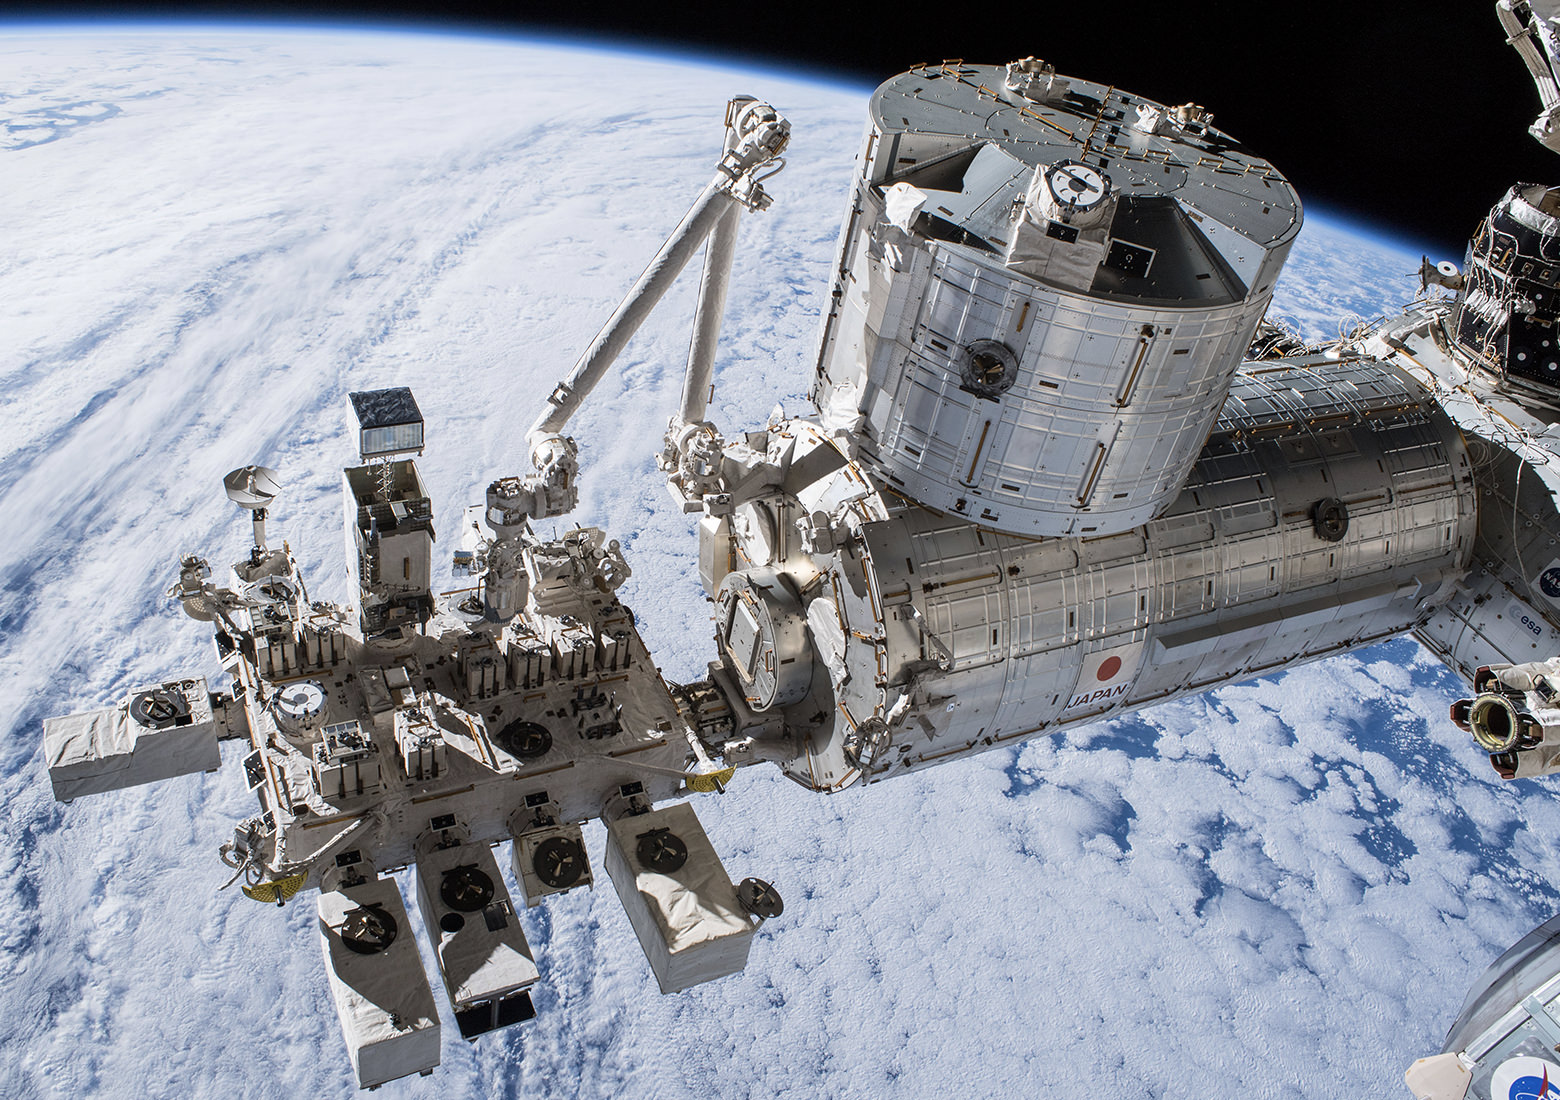 国立研究開発法人 宇宙航空研究開発機構(JAXA)「2019年度ISS・「きぼう」利用シンポジウムに関する企画・準備・運営業務」落札のお知らせ